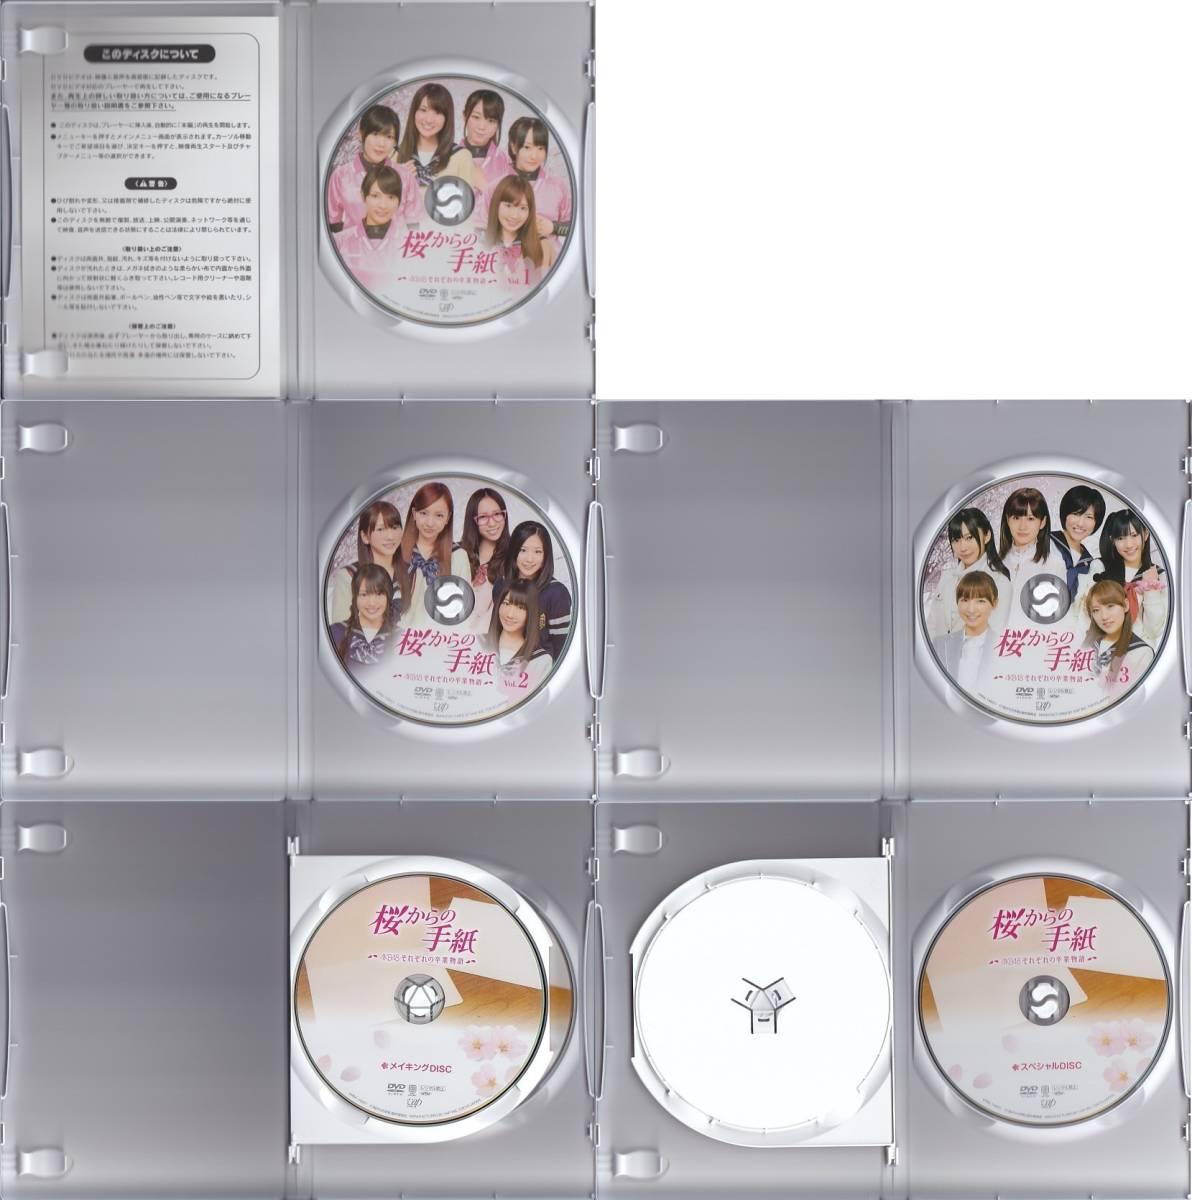 【正規品】AKB48 DVD] 桜からの手紙~AKB48それぞれの卒業物語~豪華版 DVD-BOX [5枚組]/前田敦子/大島優子/篠田麻里子/板野友美/上川隆也_画像3